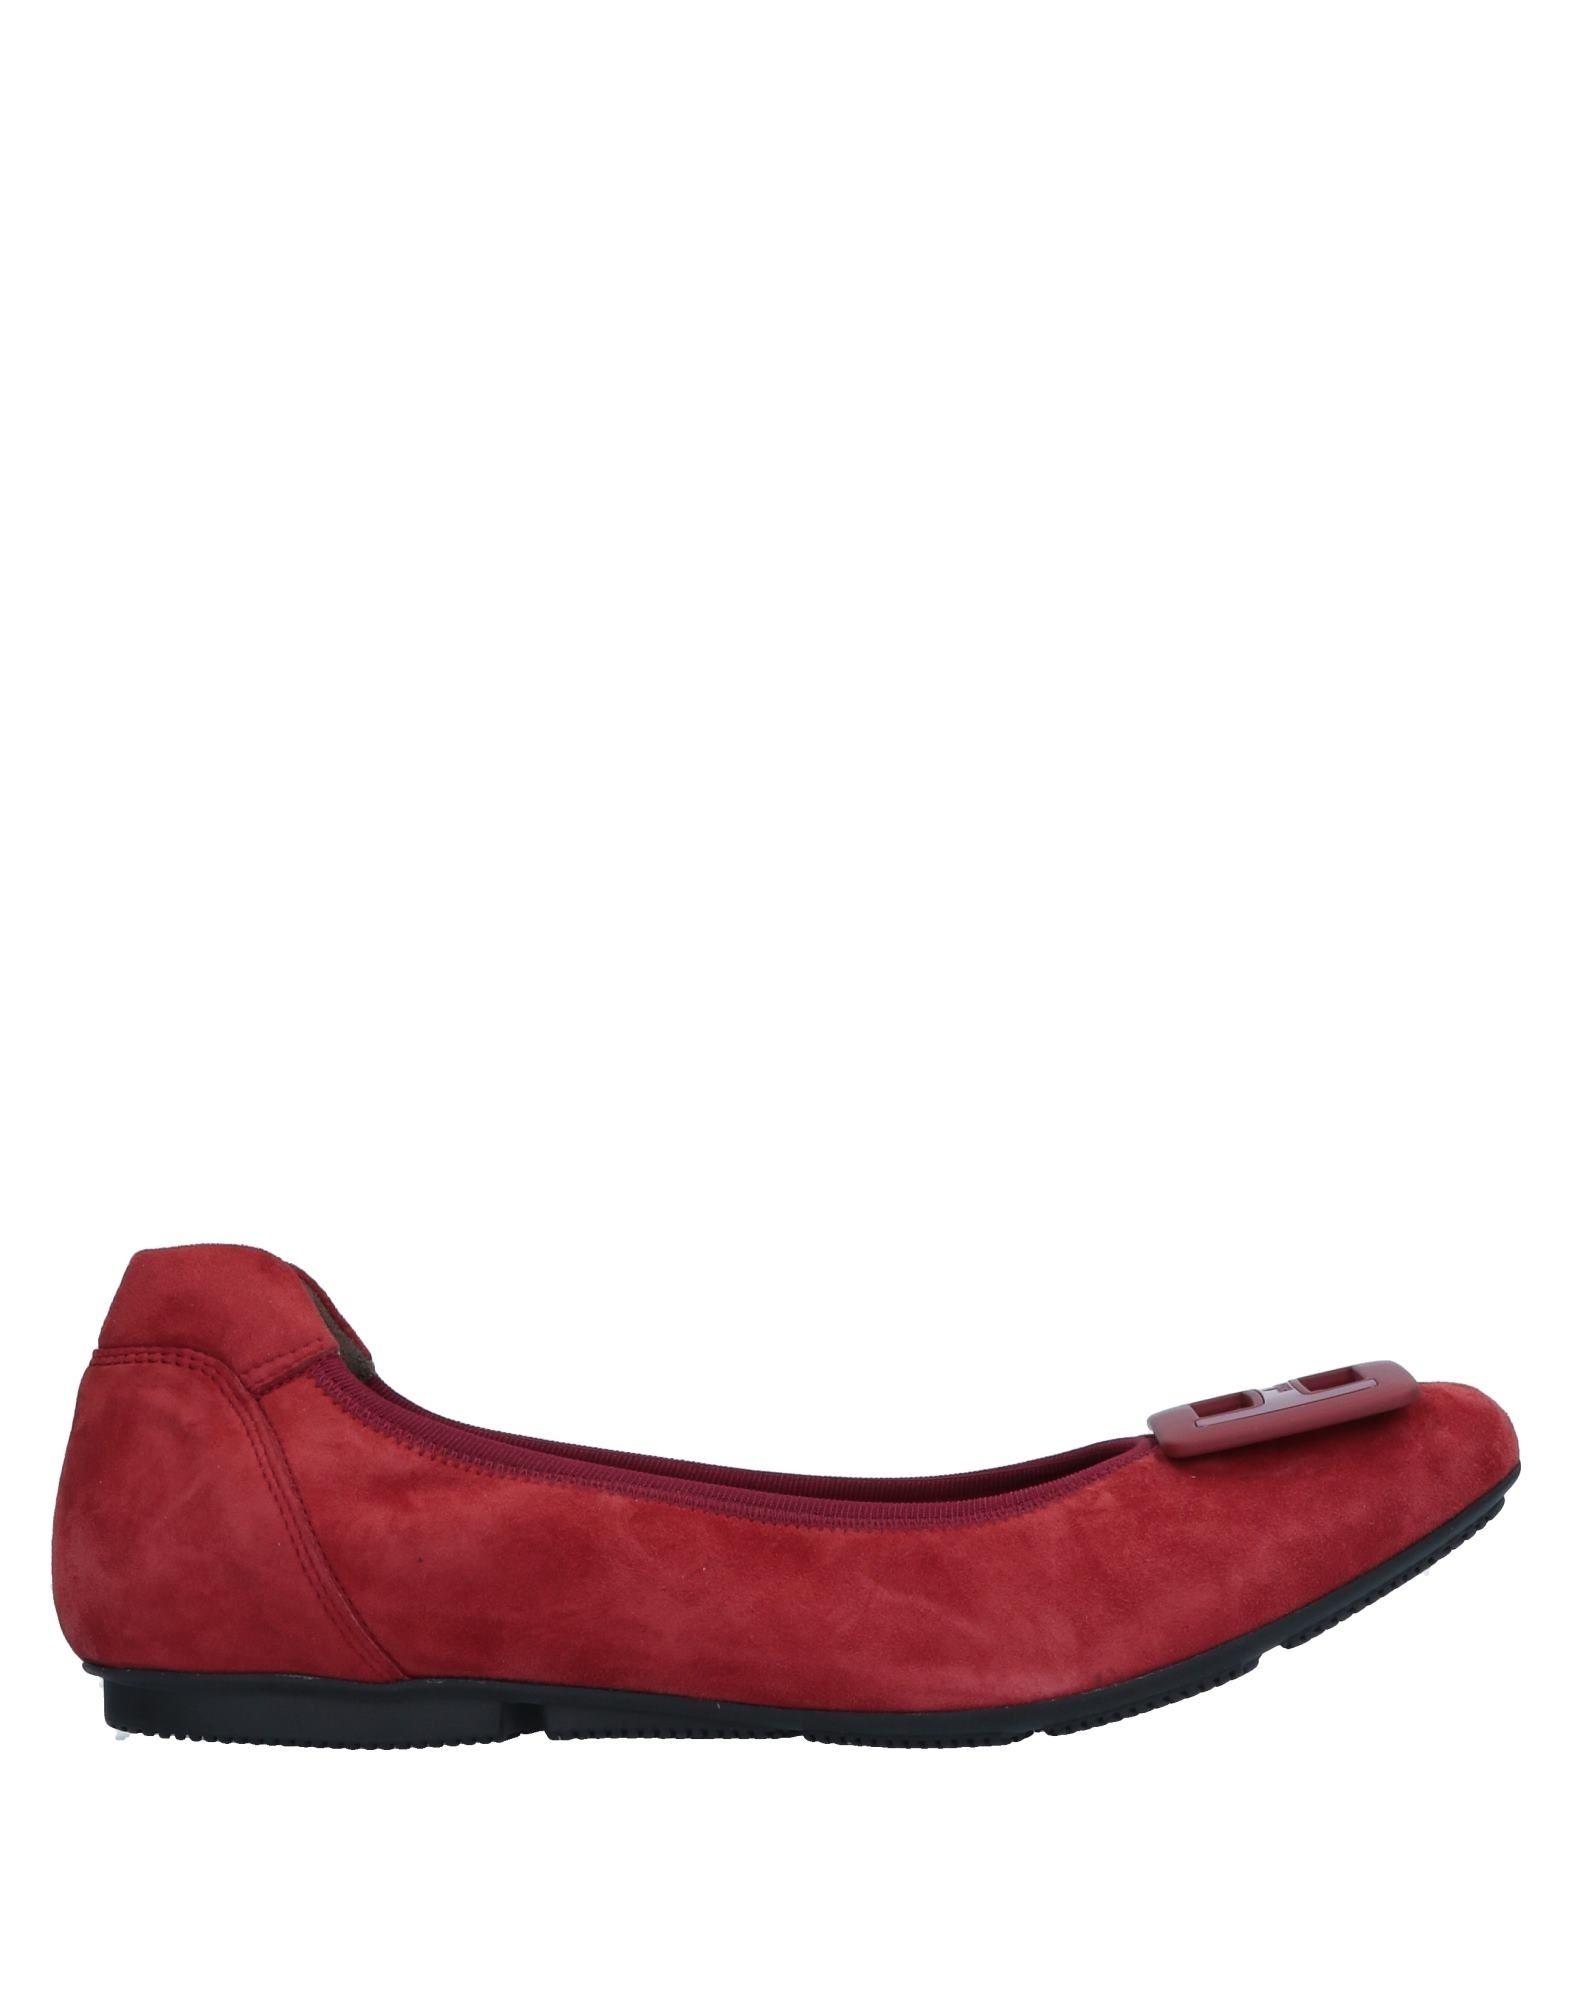 Sandali Tod's Donna - 11140548DT Scarpe economiche e buone